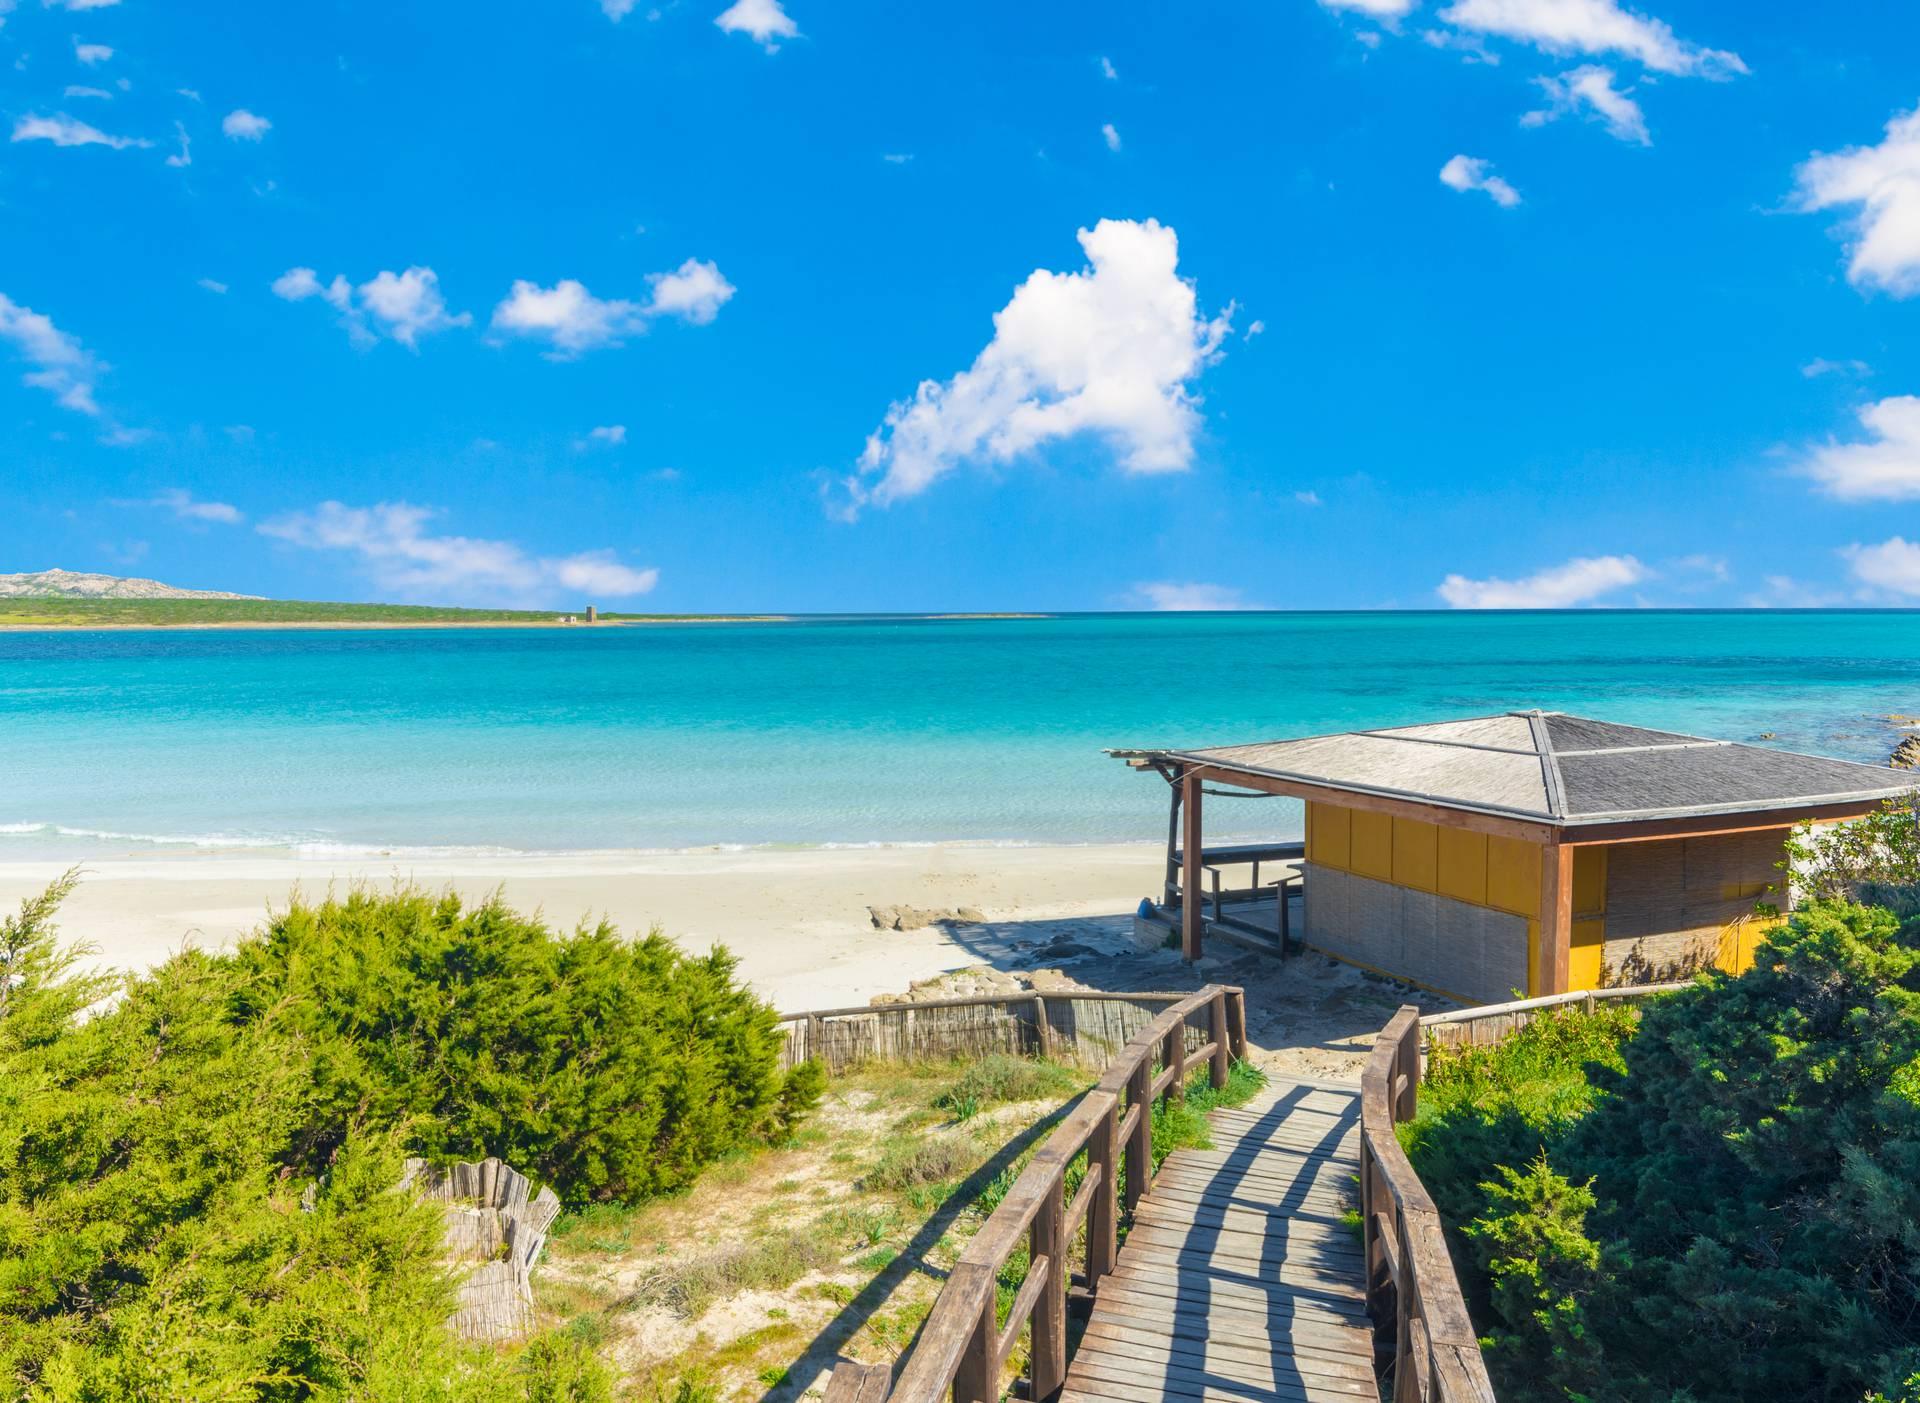 Da bi sačuvali plažu La Pelosa Talijani će naplaćivati ulaznice